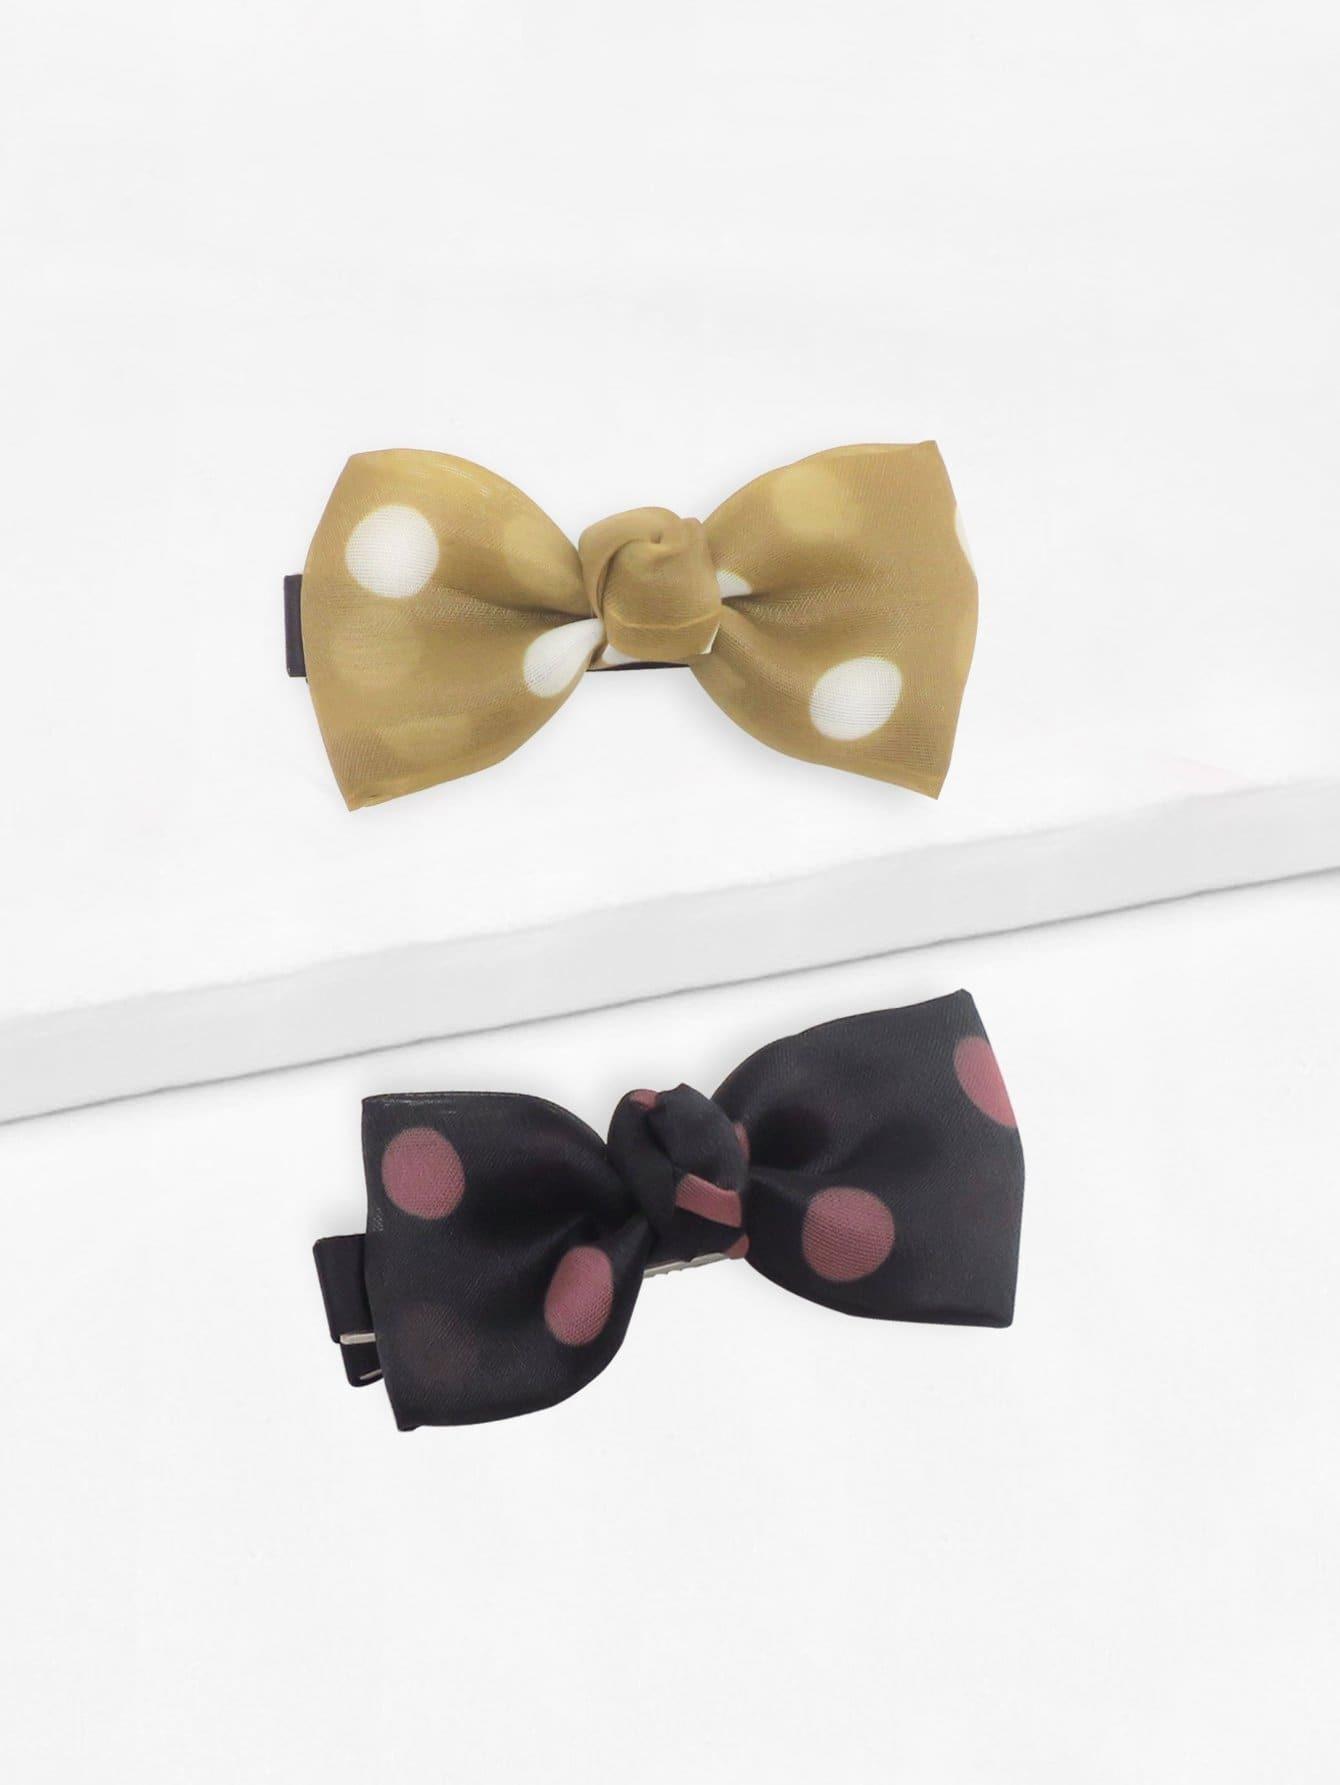 Polka Dot Bow Shaped Hair Clip 2pcs